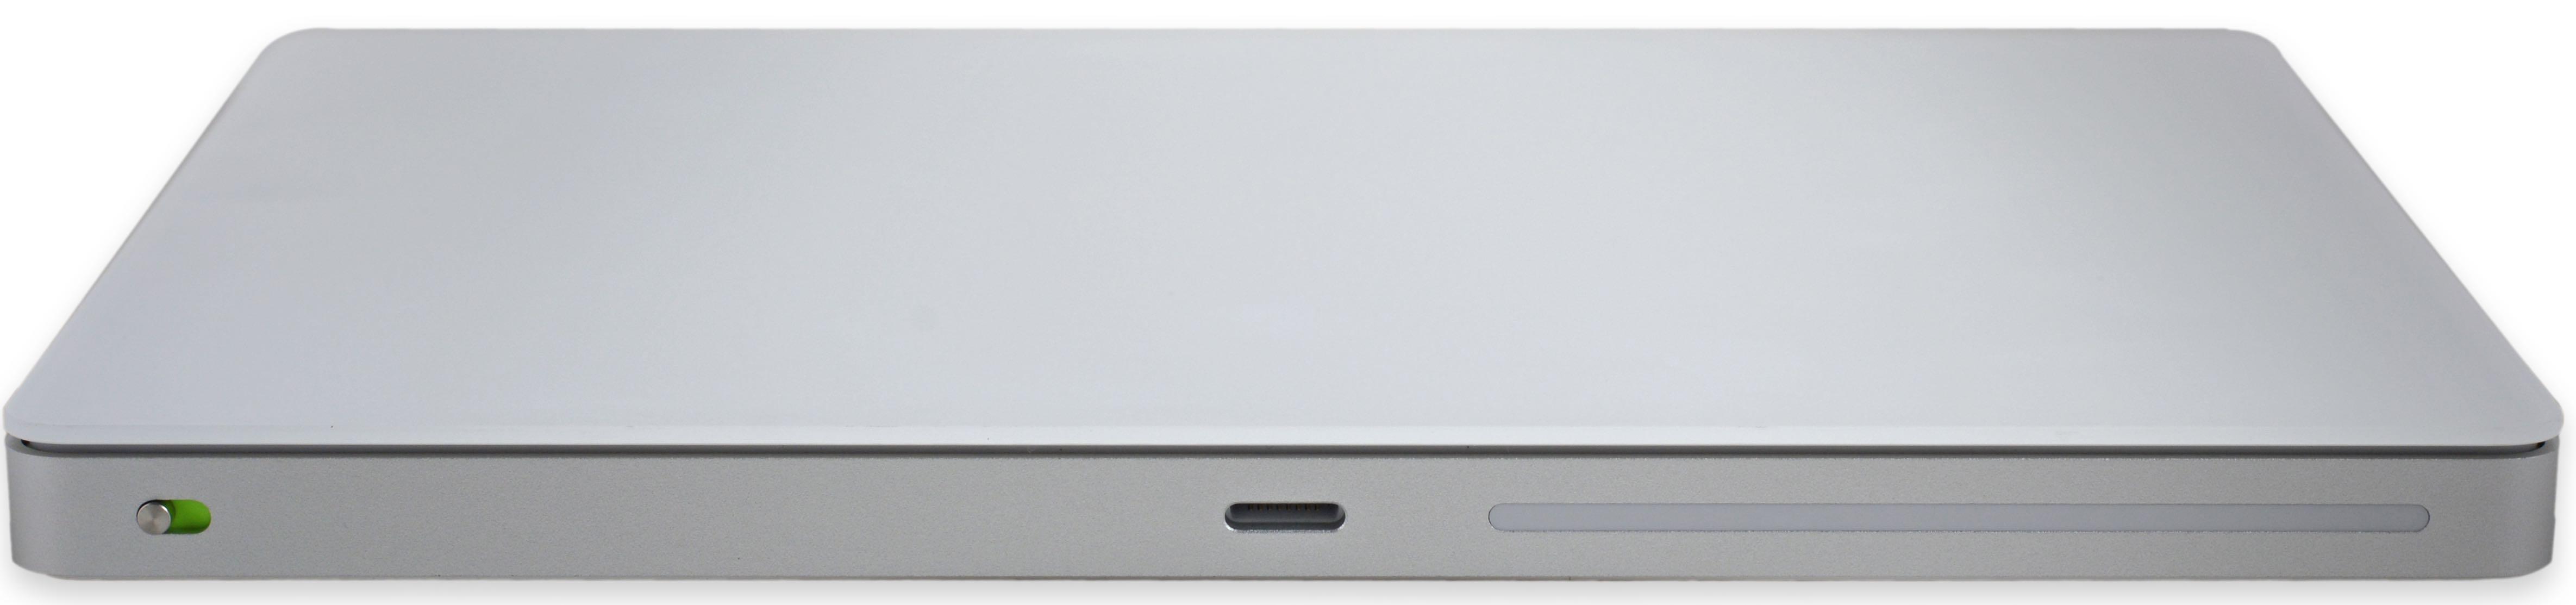 Magic Mouse Trackpad 2 teardown iFixit 001